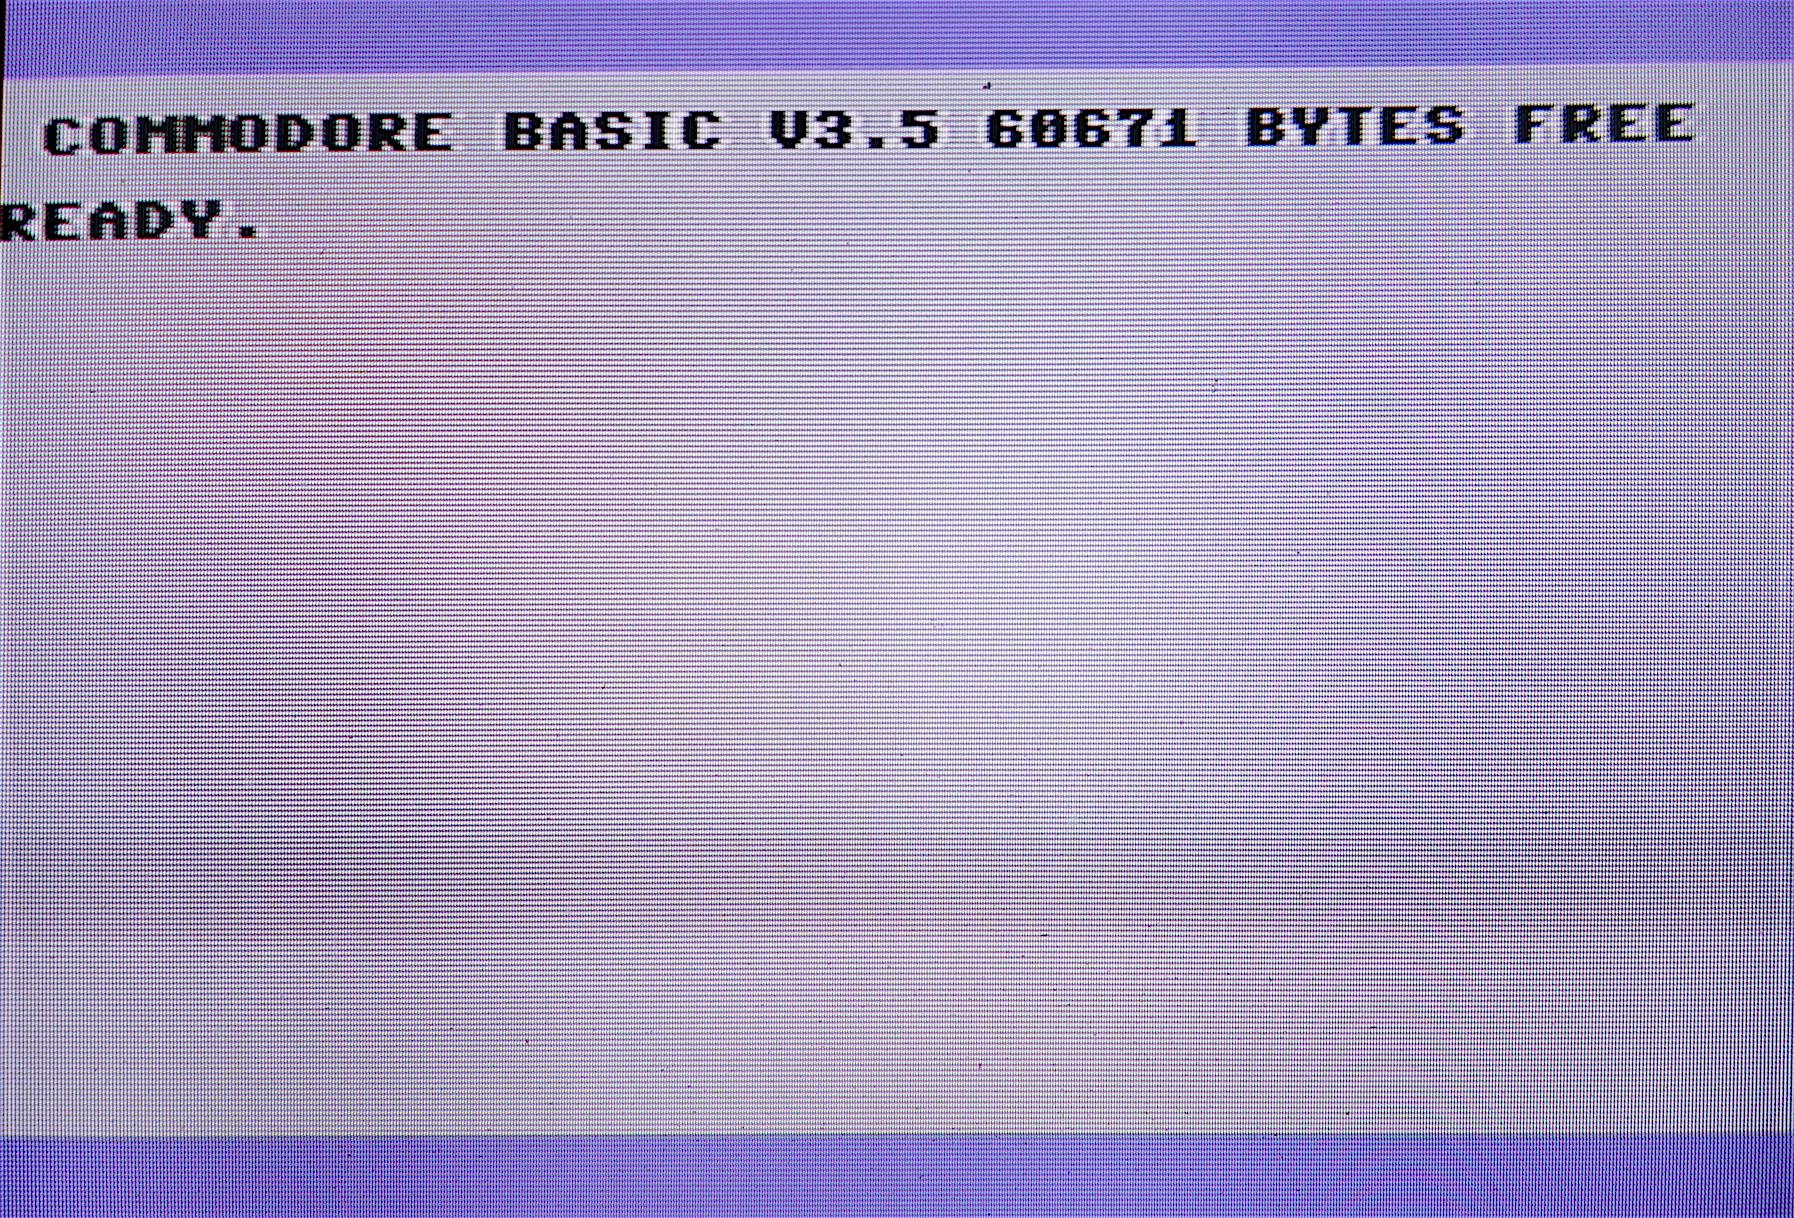 C16 bejelentkező képernyő 64k-ra bővítve